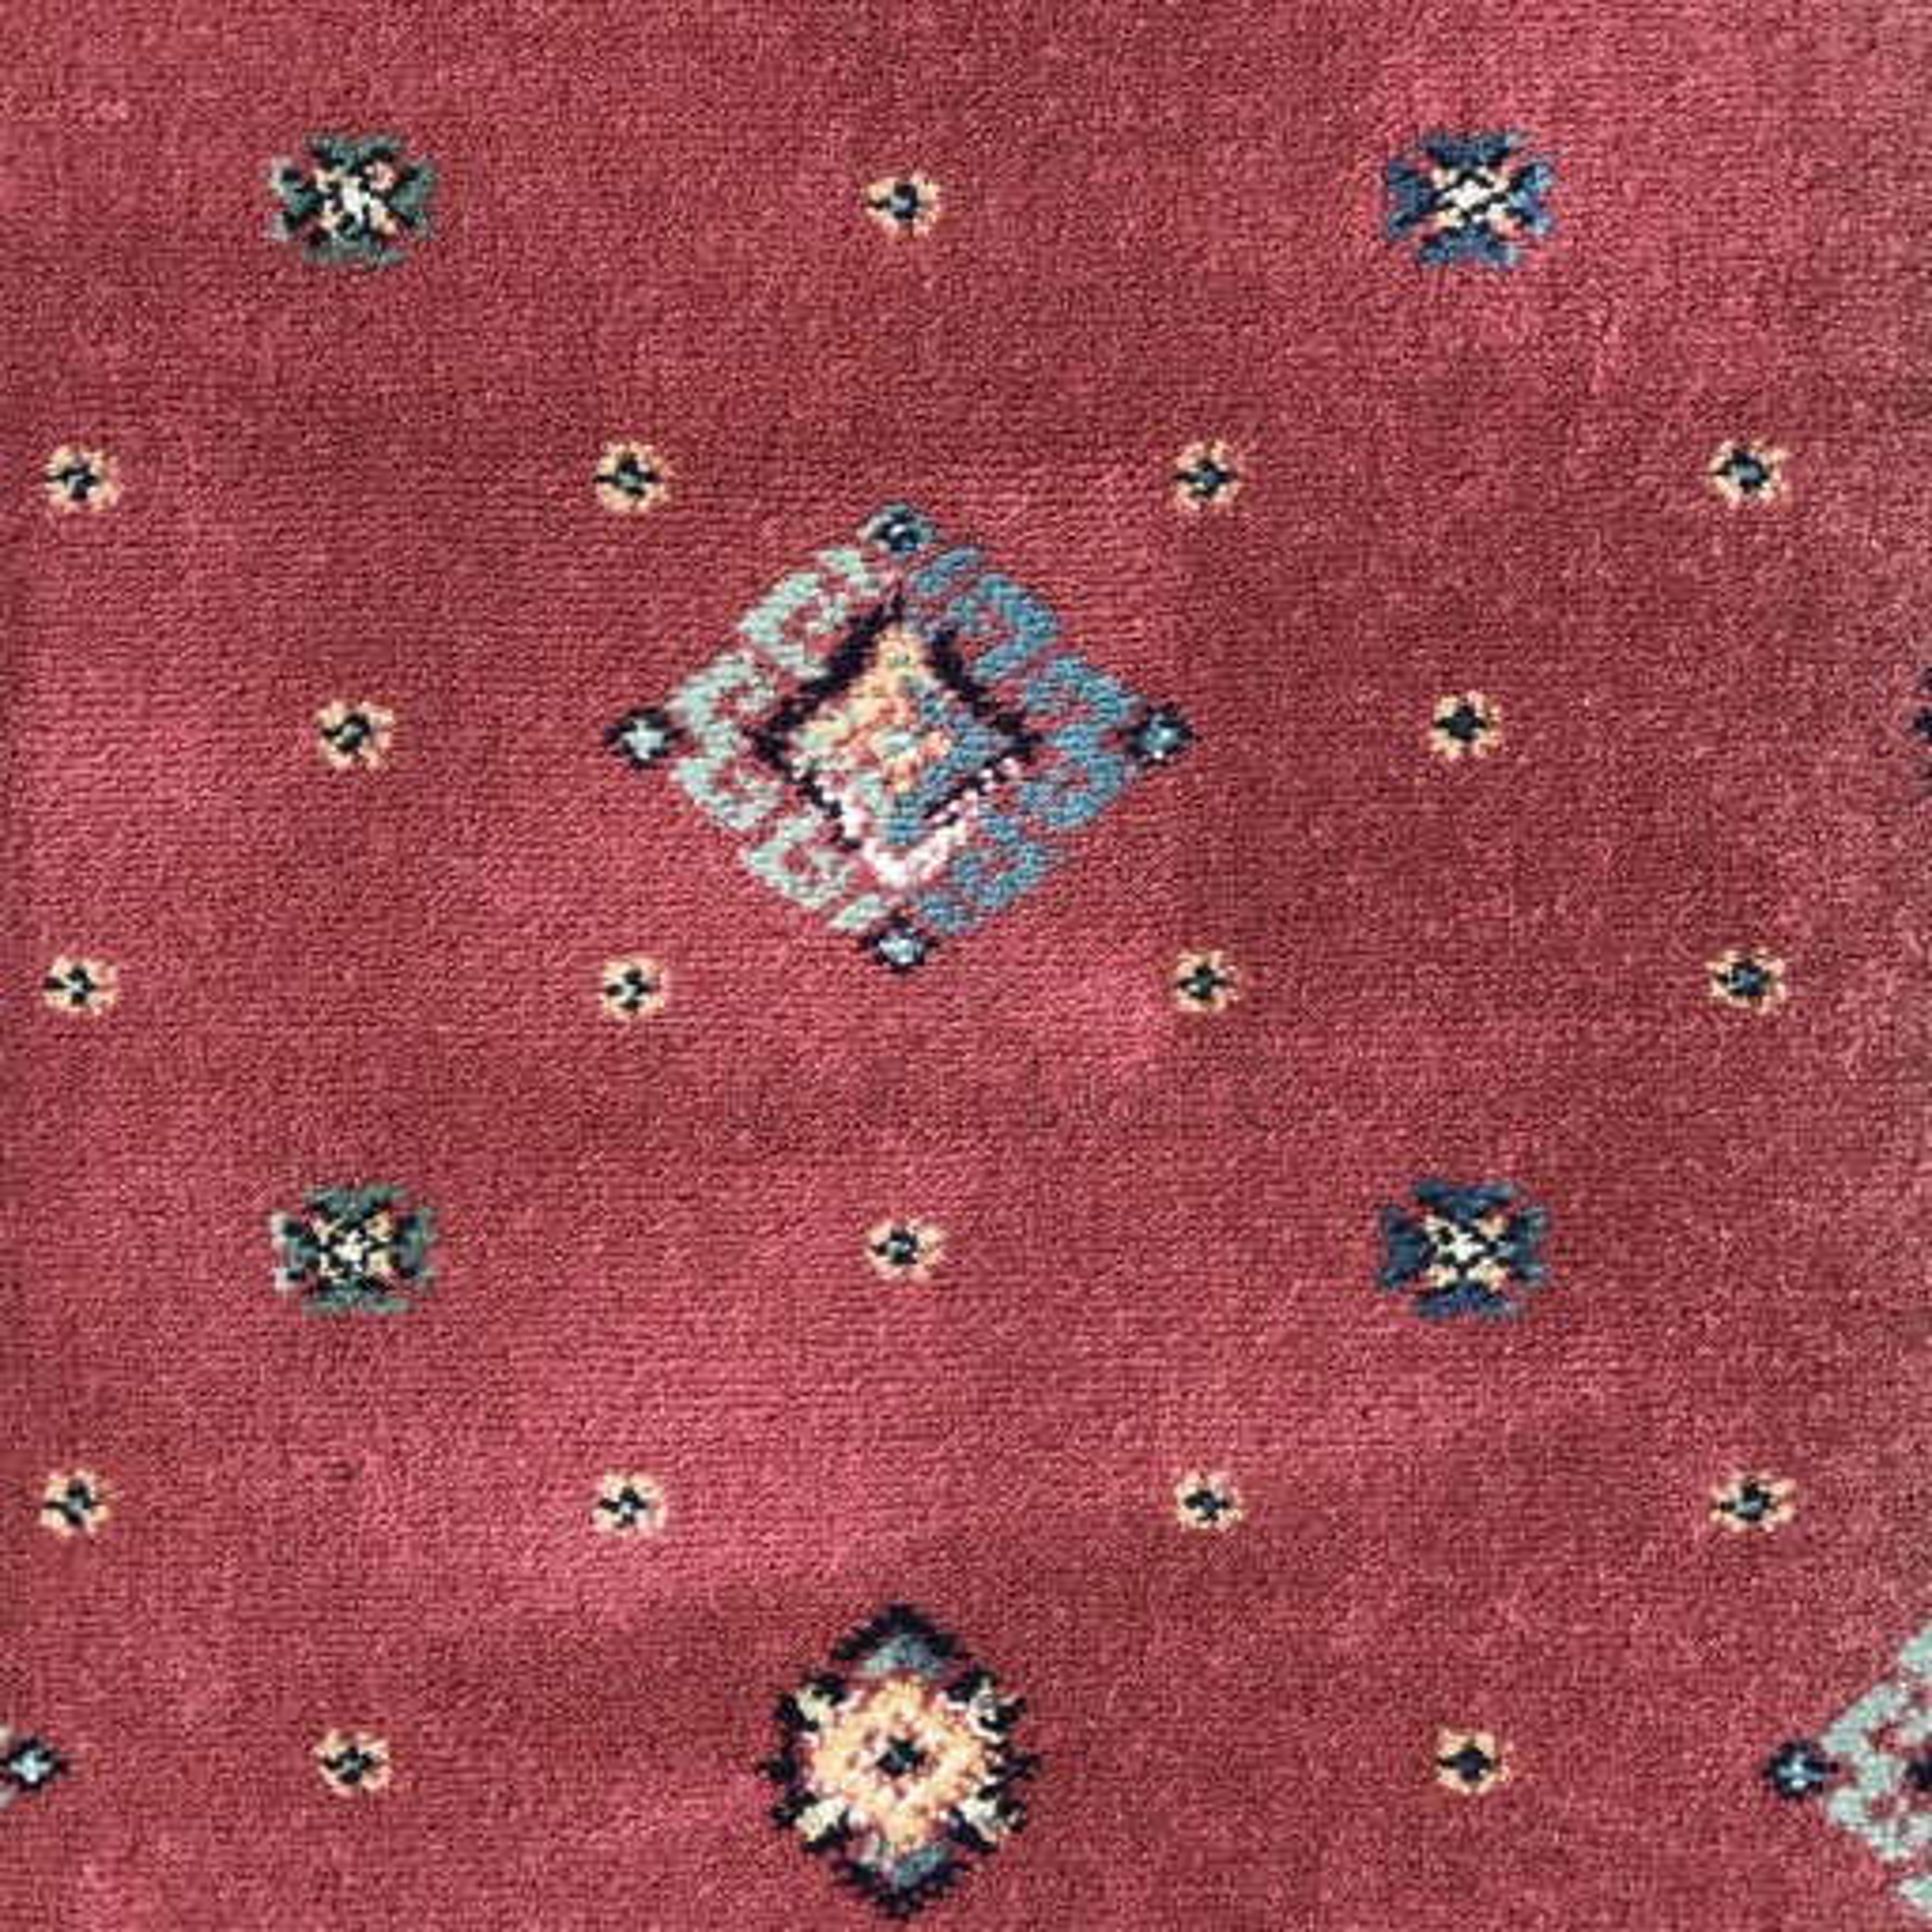 Motif Wilton Carpet - 345 x 366 cm